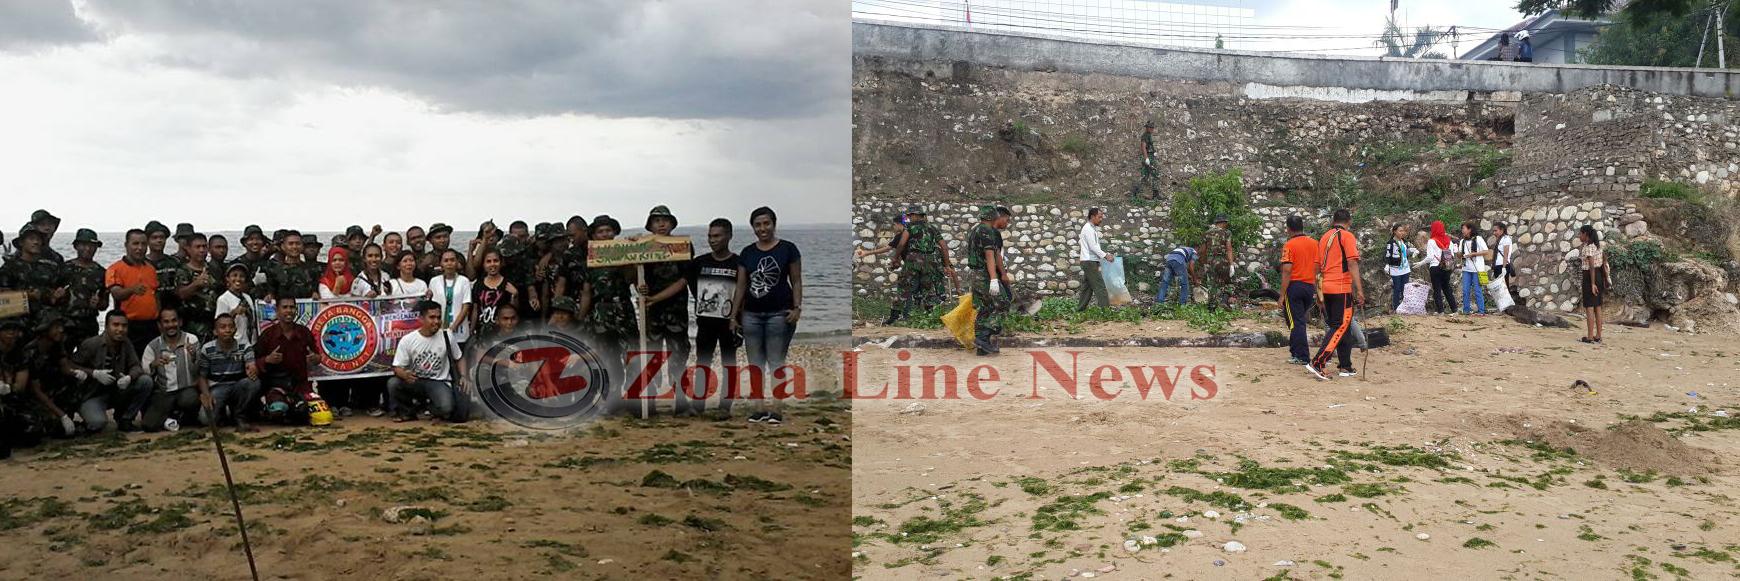 Ketapang Satu Pantai Bukan Tempat Sampah Zona Line News Kegatian